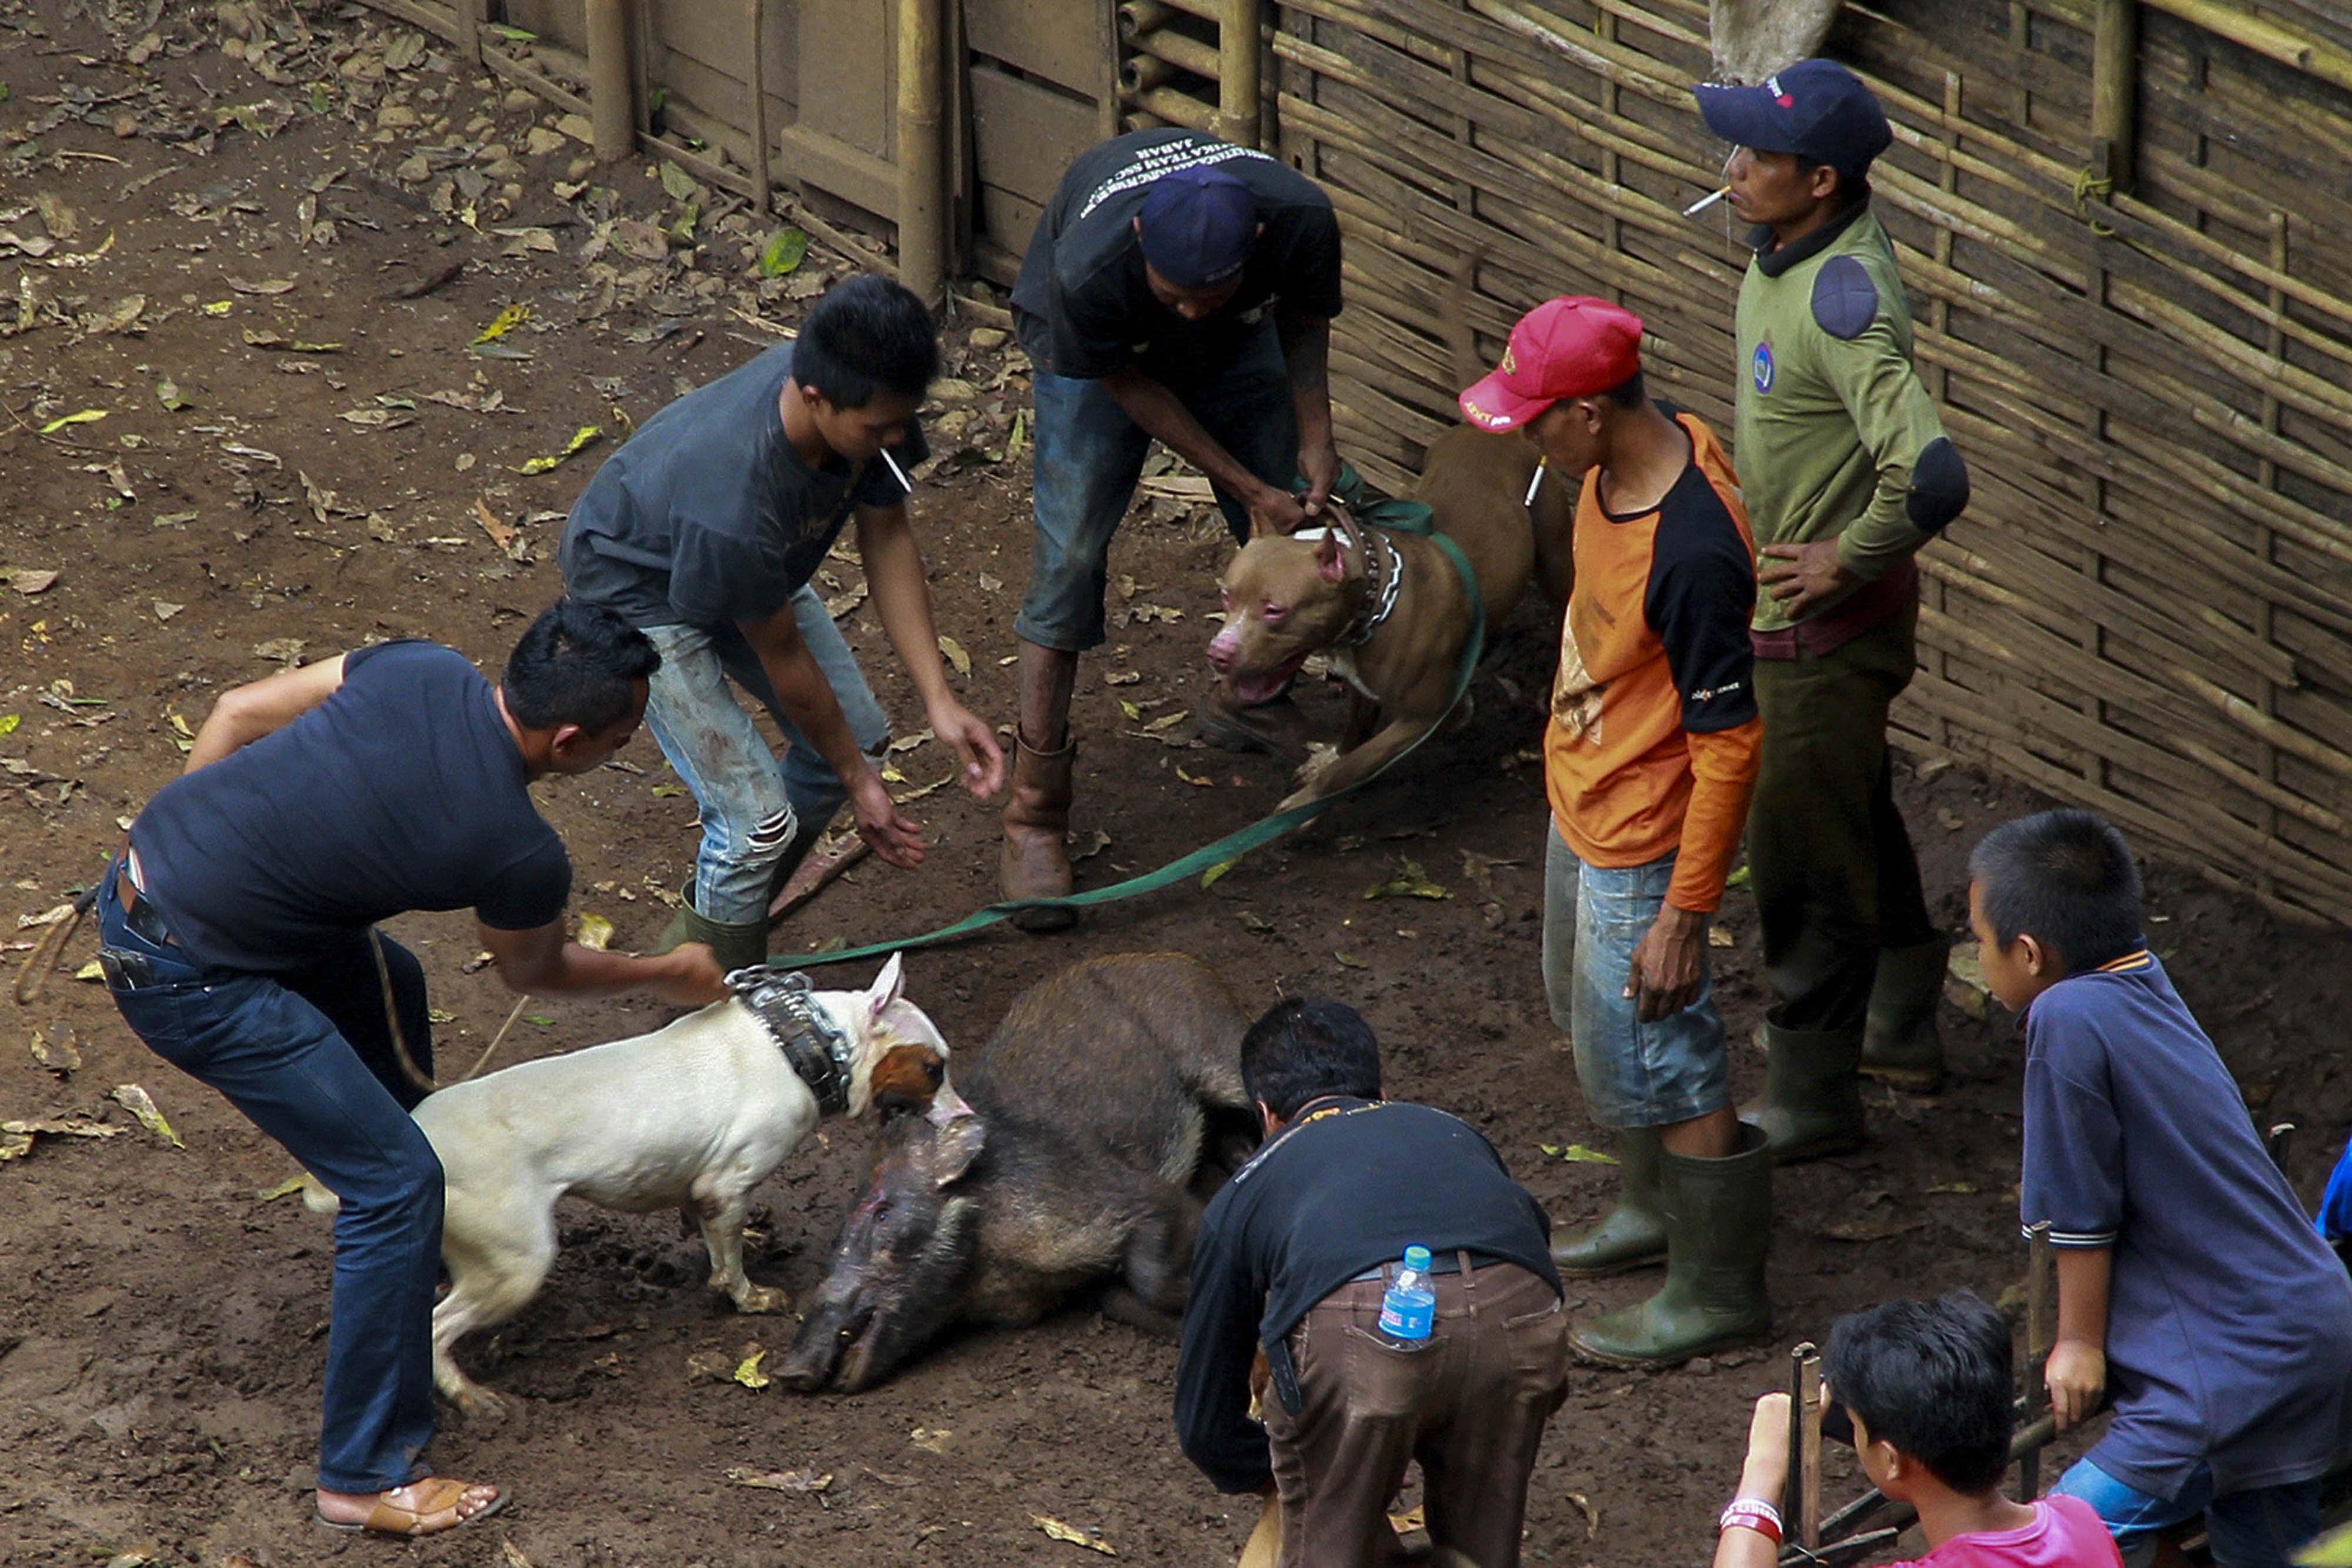 Gladiator Kaki Empat Mengintip Arena Duel Terlarang Anjing Versus Babi Hutan Di Jabar